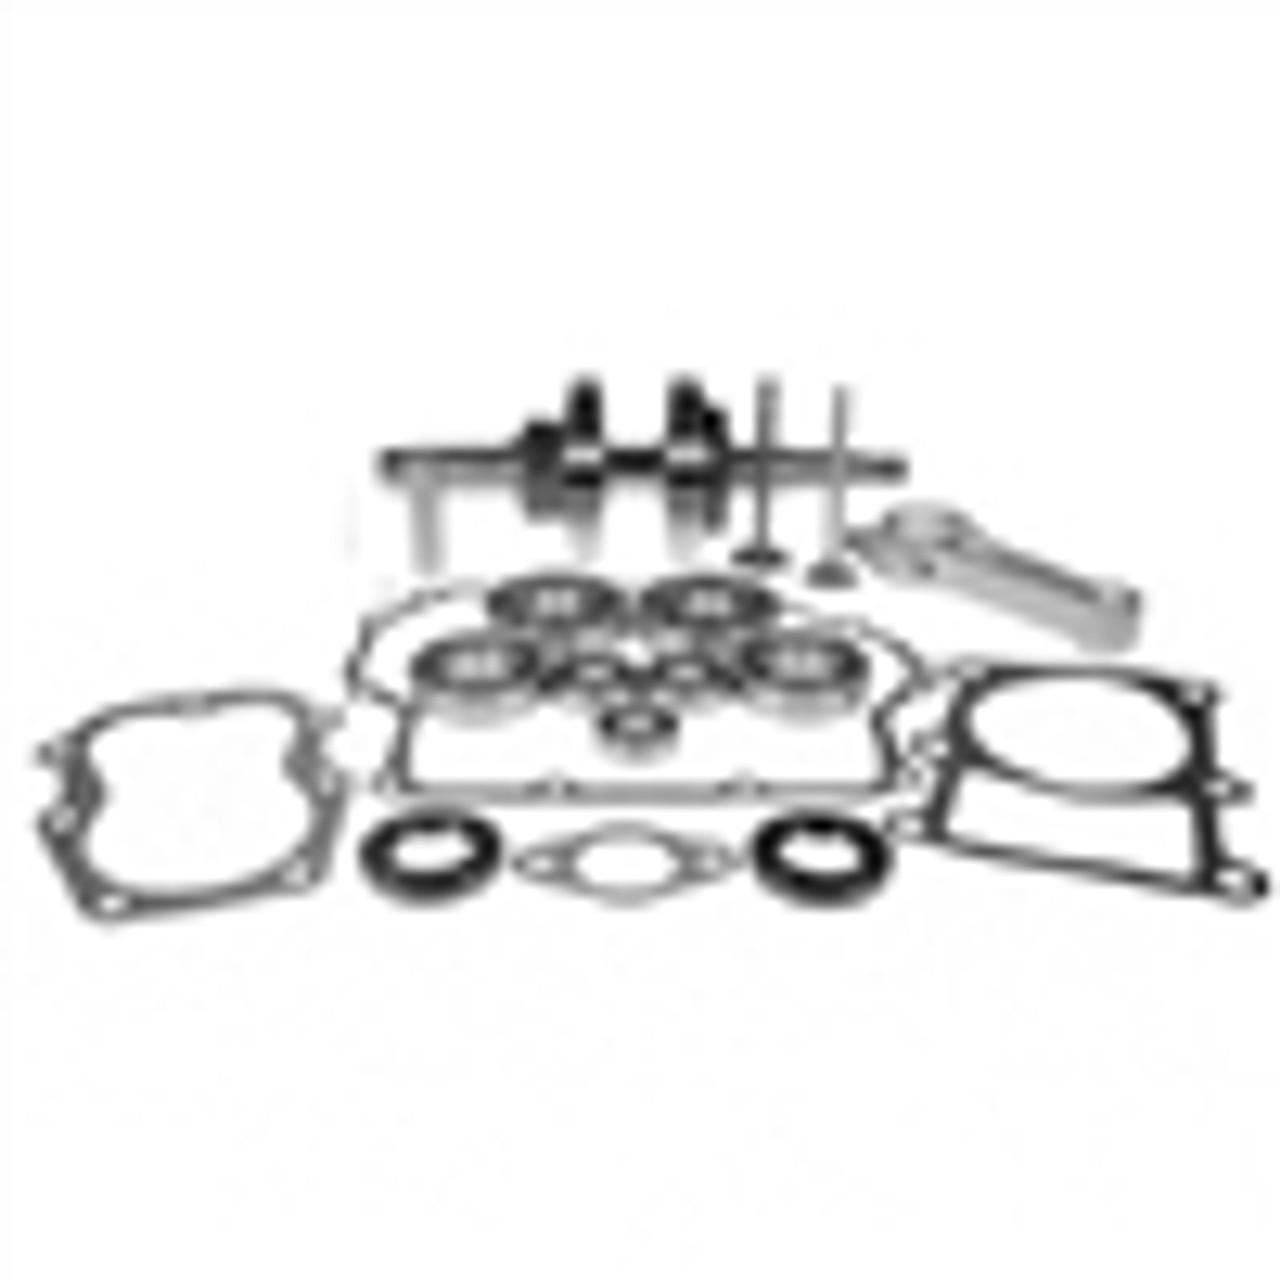 Yamaha Engines & Engine Parts